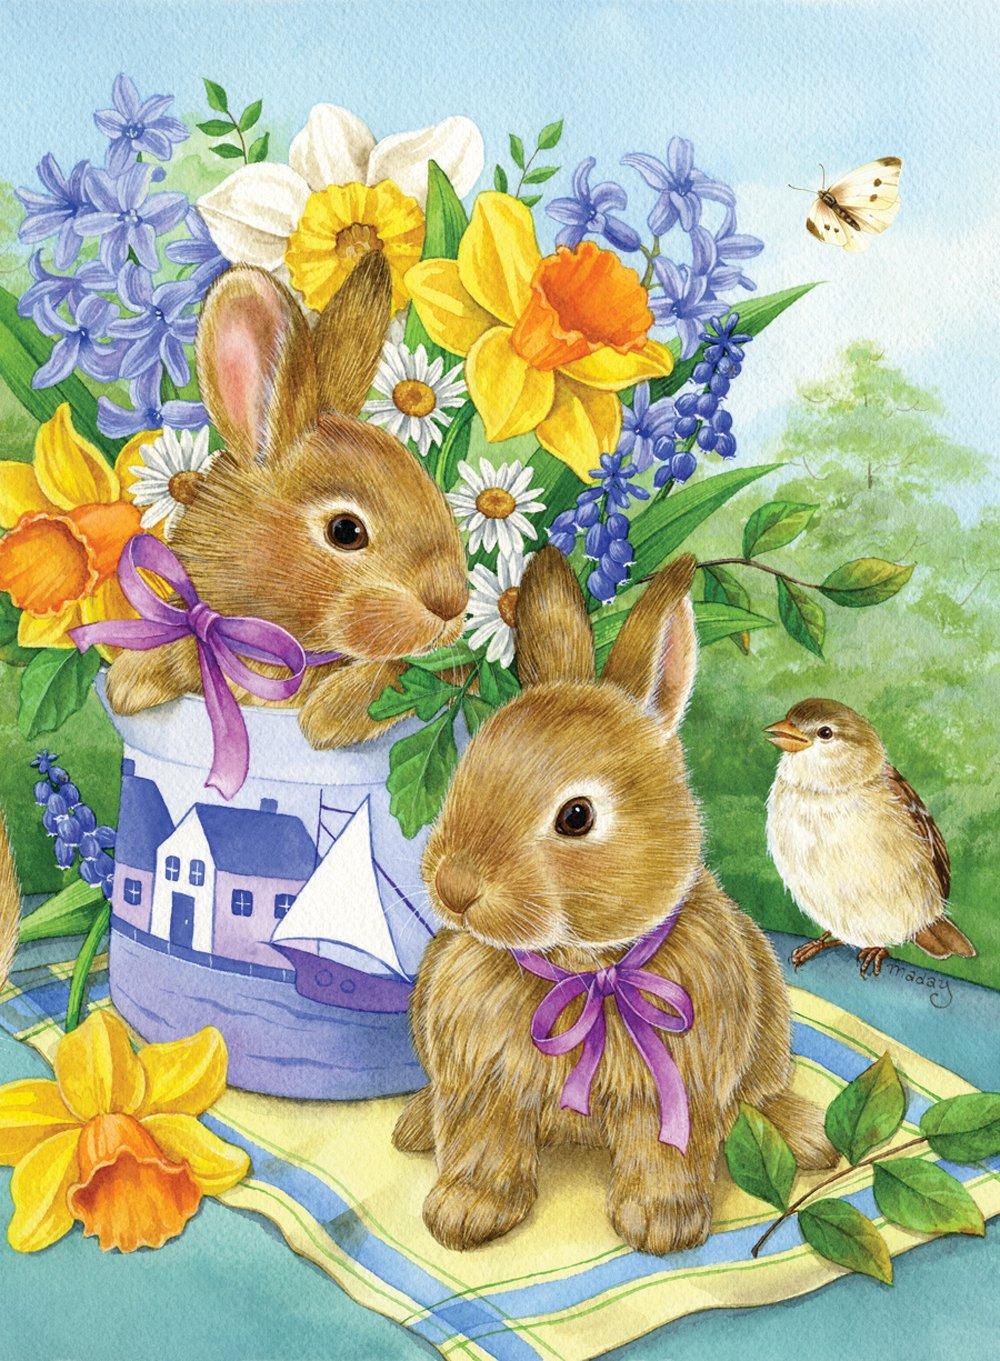 Toland Home Garden 112560 Bunny Bouquet Decorative Garden